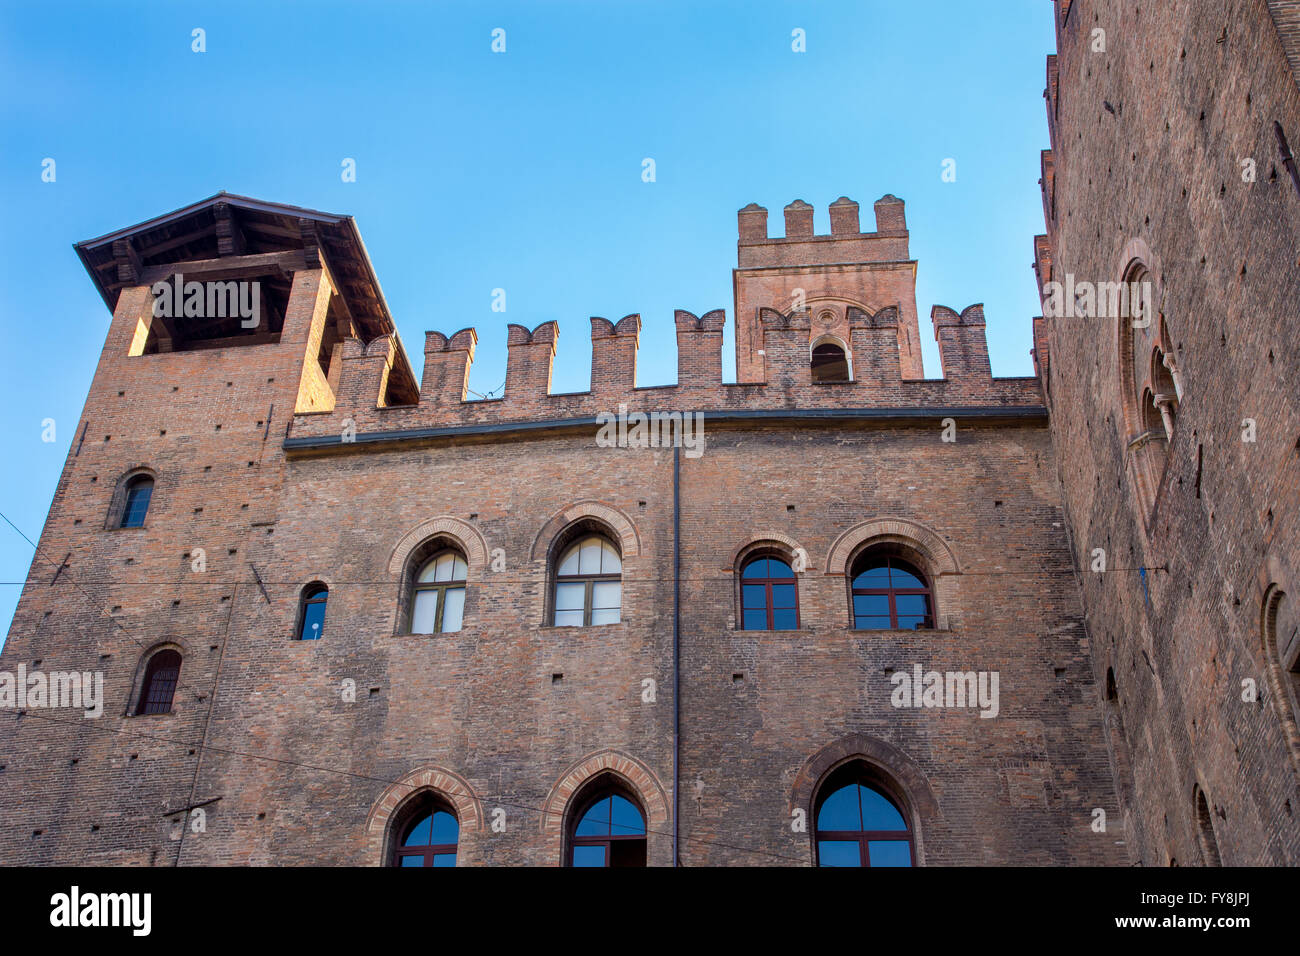 Palazzo Re Enzo in Piazza Maggiore, Bologna, Italy - Stock Image